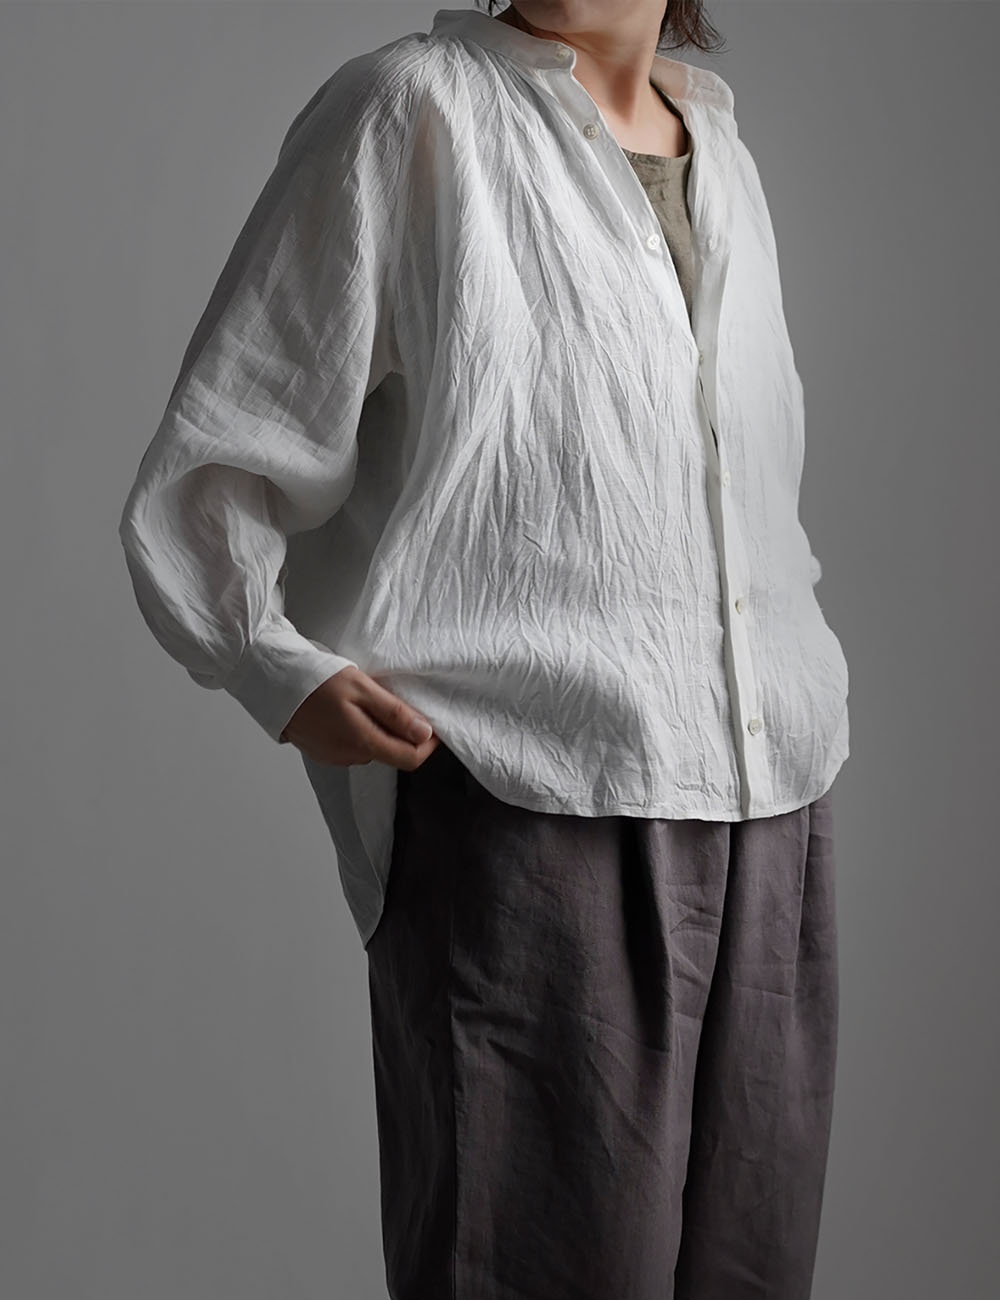 雅亜麻 linen shirt リネンシャツ 60番手 ハンドワッシャー / 白色 t034a-sak1